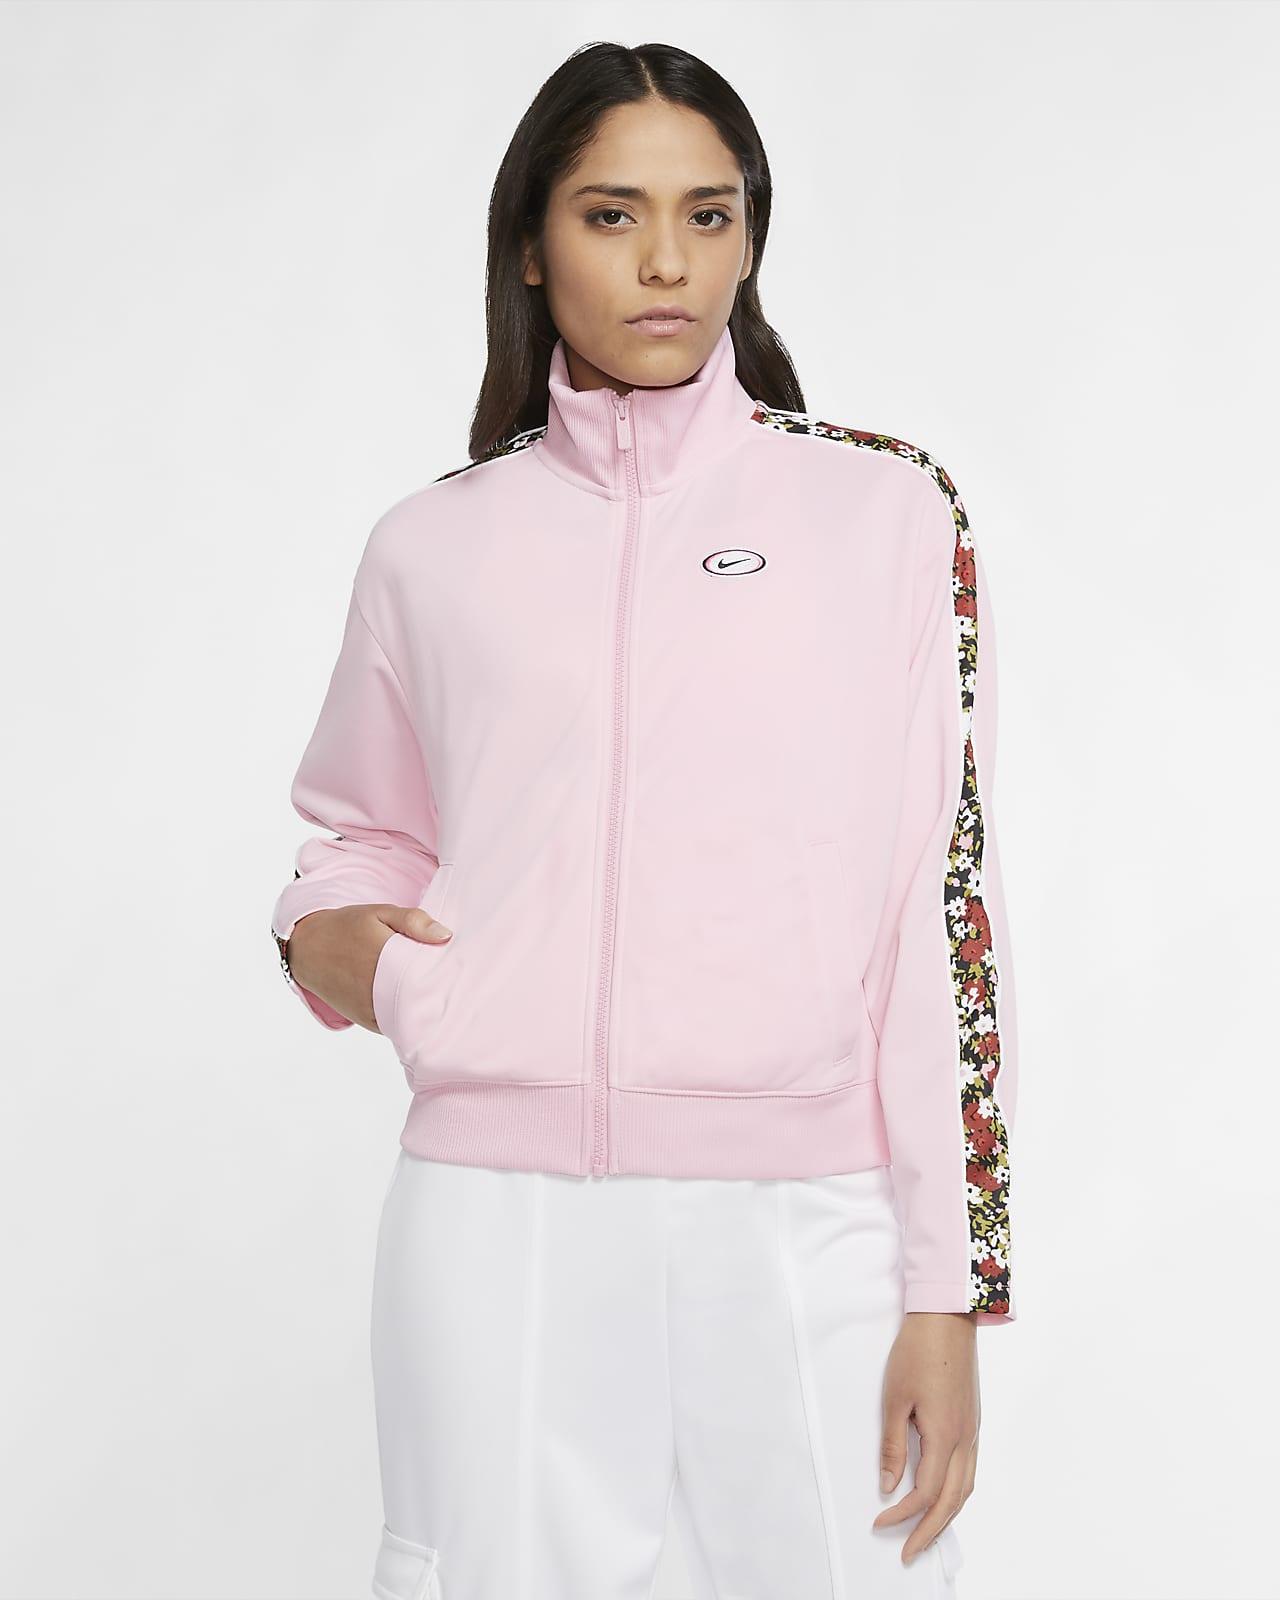 Nike Sportswear 女款外套